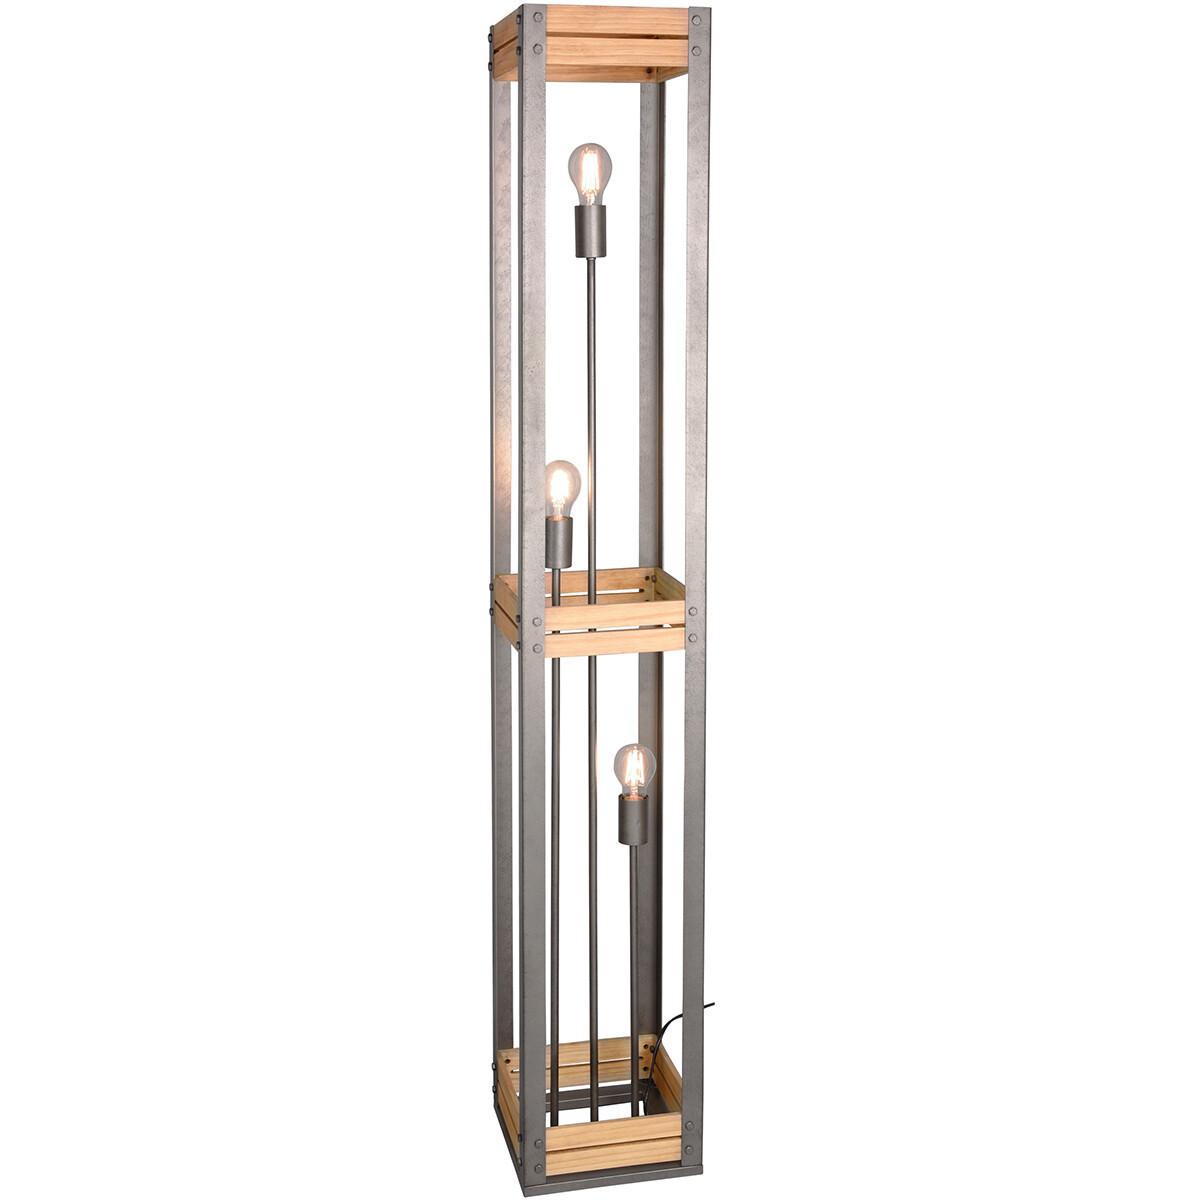 LED Vloerlamp - Trion Khon - E27 Fitting - Rechthoek - Mat Nikkel - Aluminium